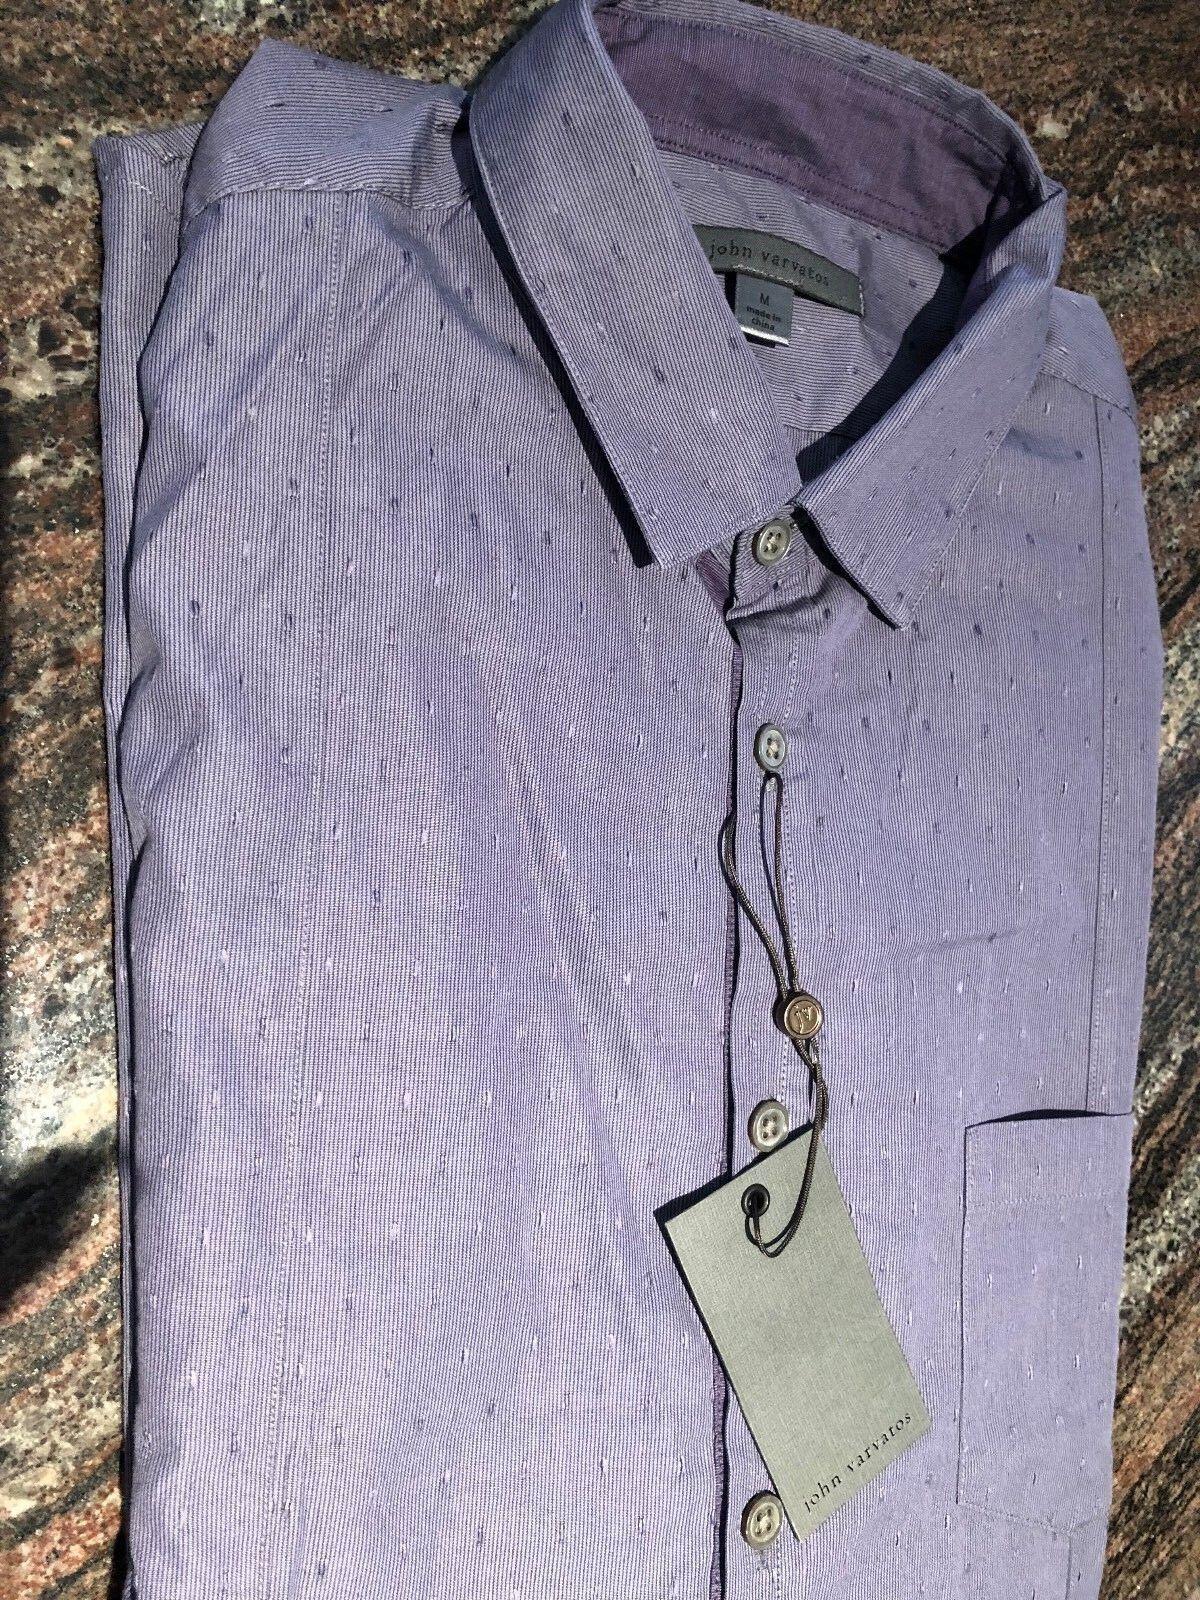 NEW John Varvatos Men's Purple Cotton Slim Fit Button Down Dress Shirt  Size M